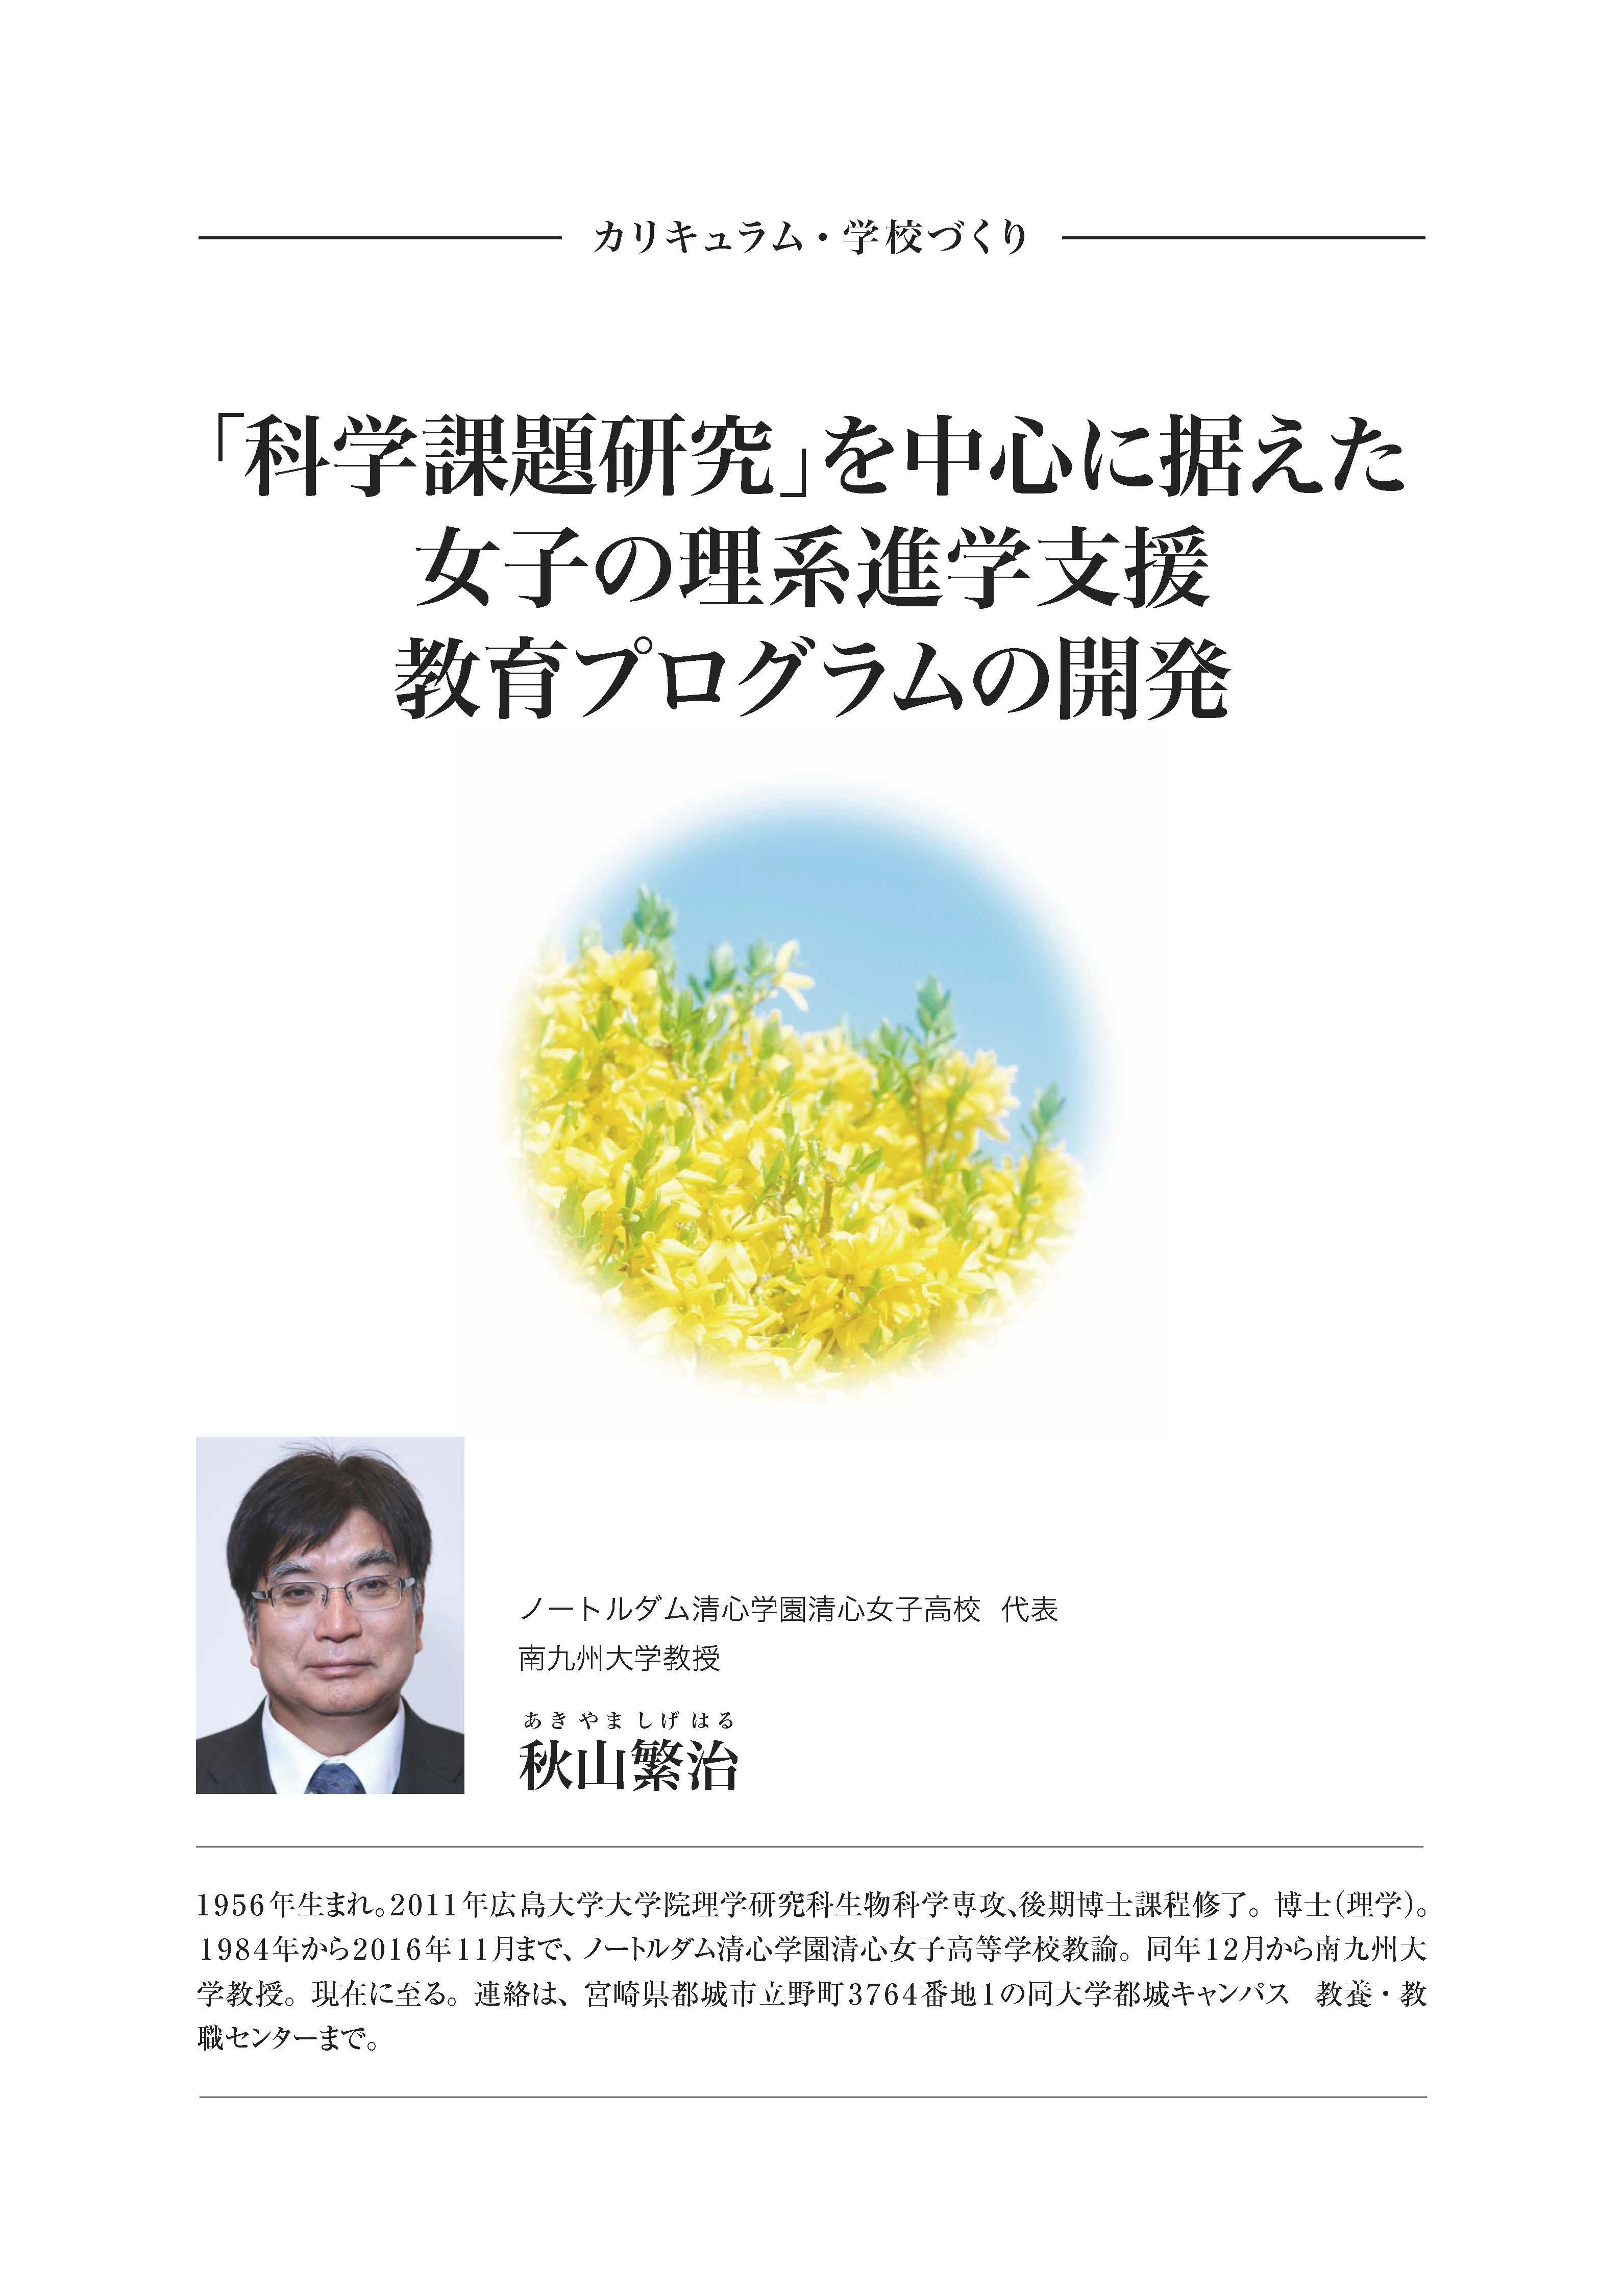 論文「科学課題研究」を中心に据えた女子の理系進学支援教育プログラムの開発(1)はじめに